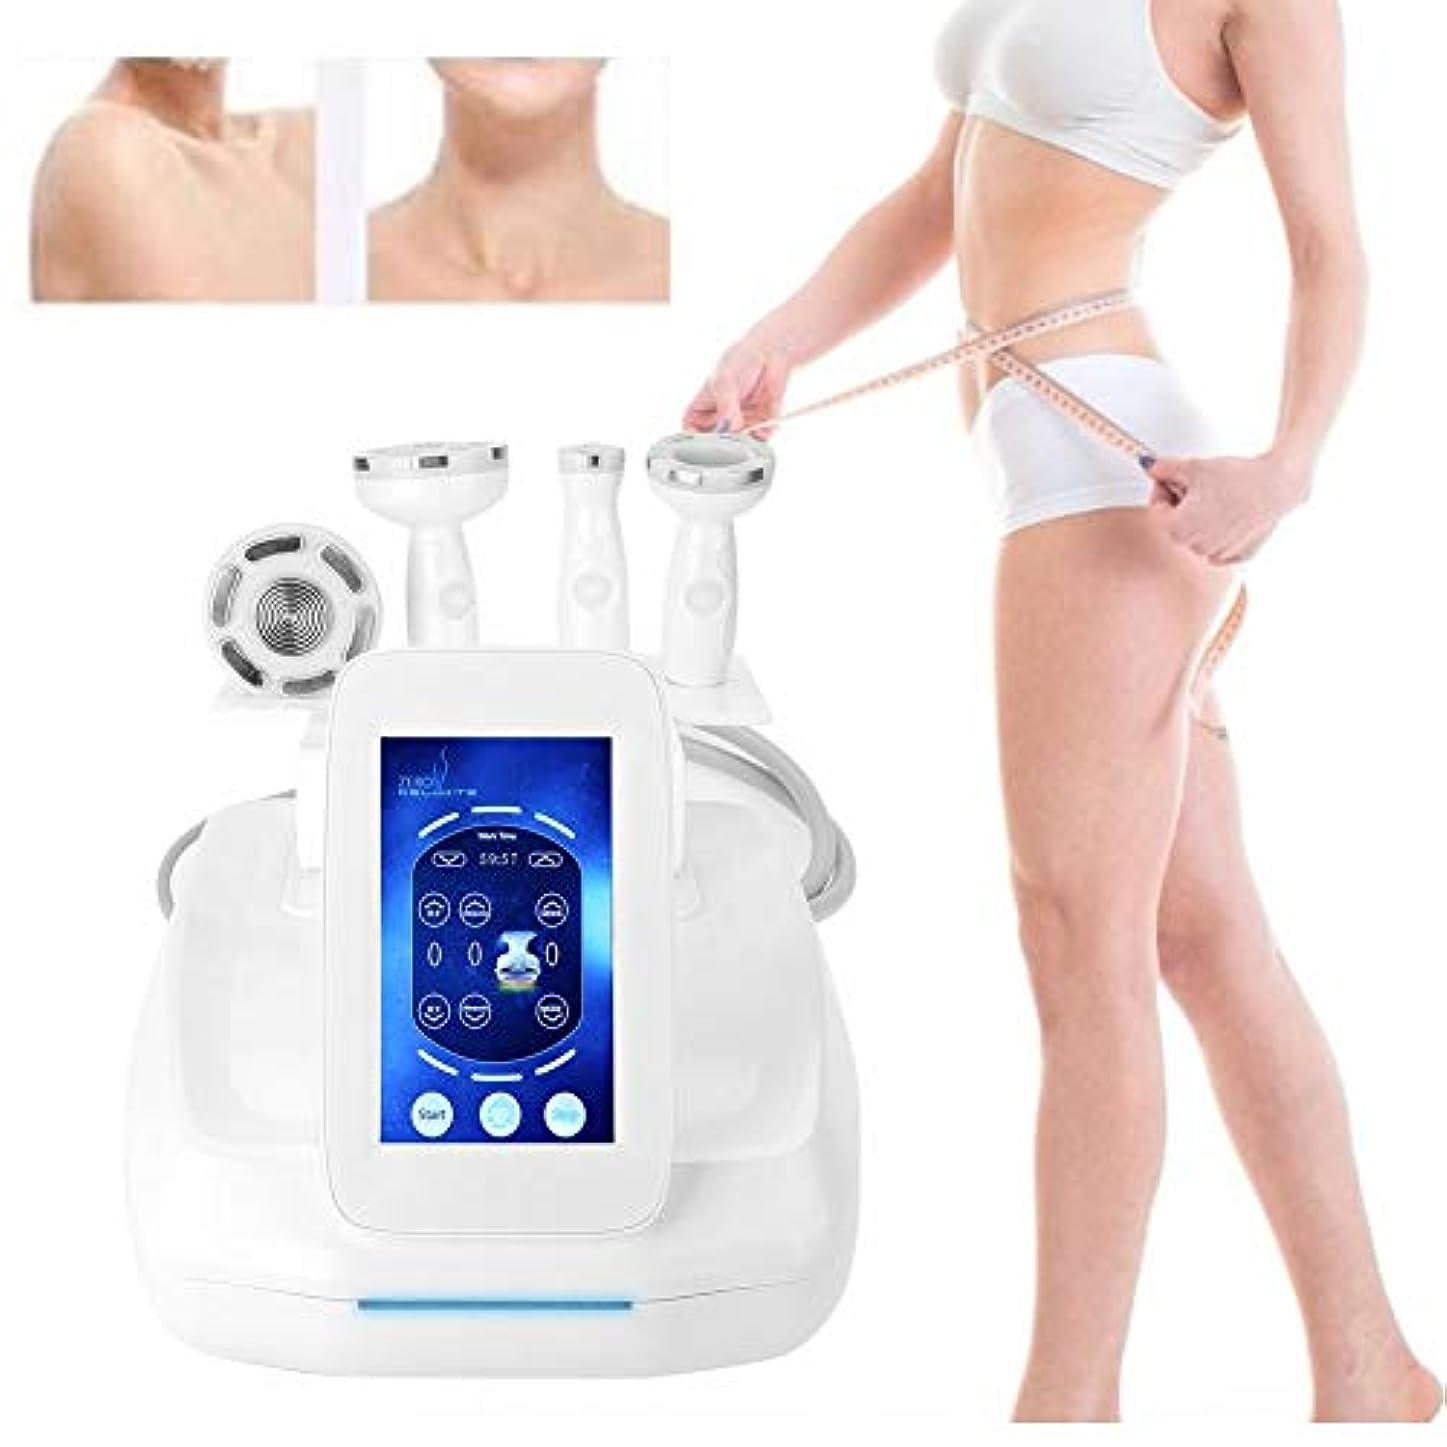 専制くびれた脂肪除去機、多極RF熱可塑性真空ブラストボディシェーピング器具皮膚リフティングマッサージャー(US)